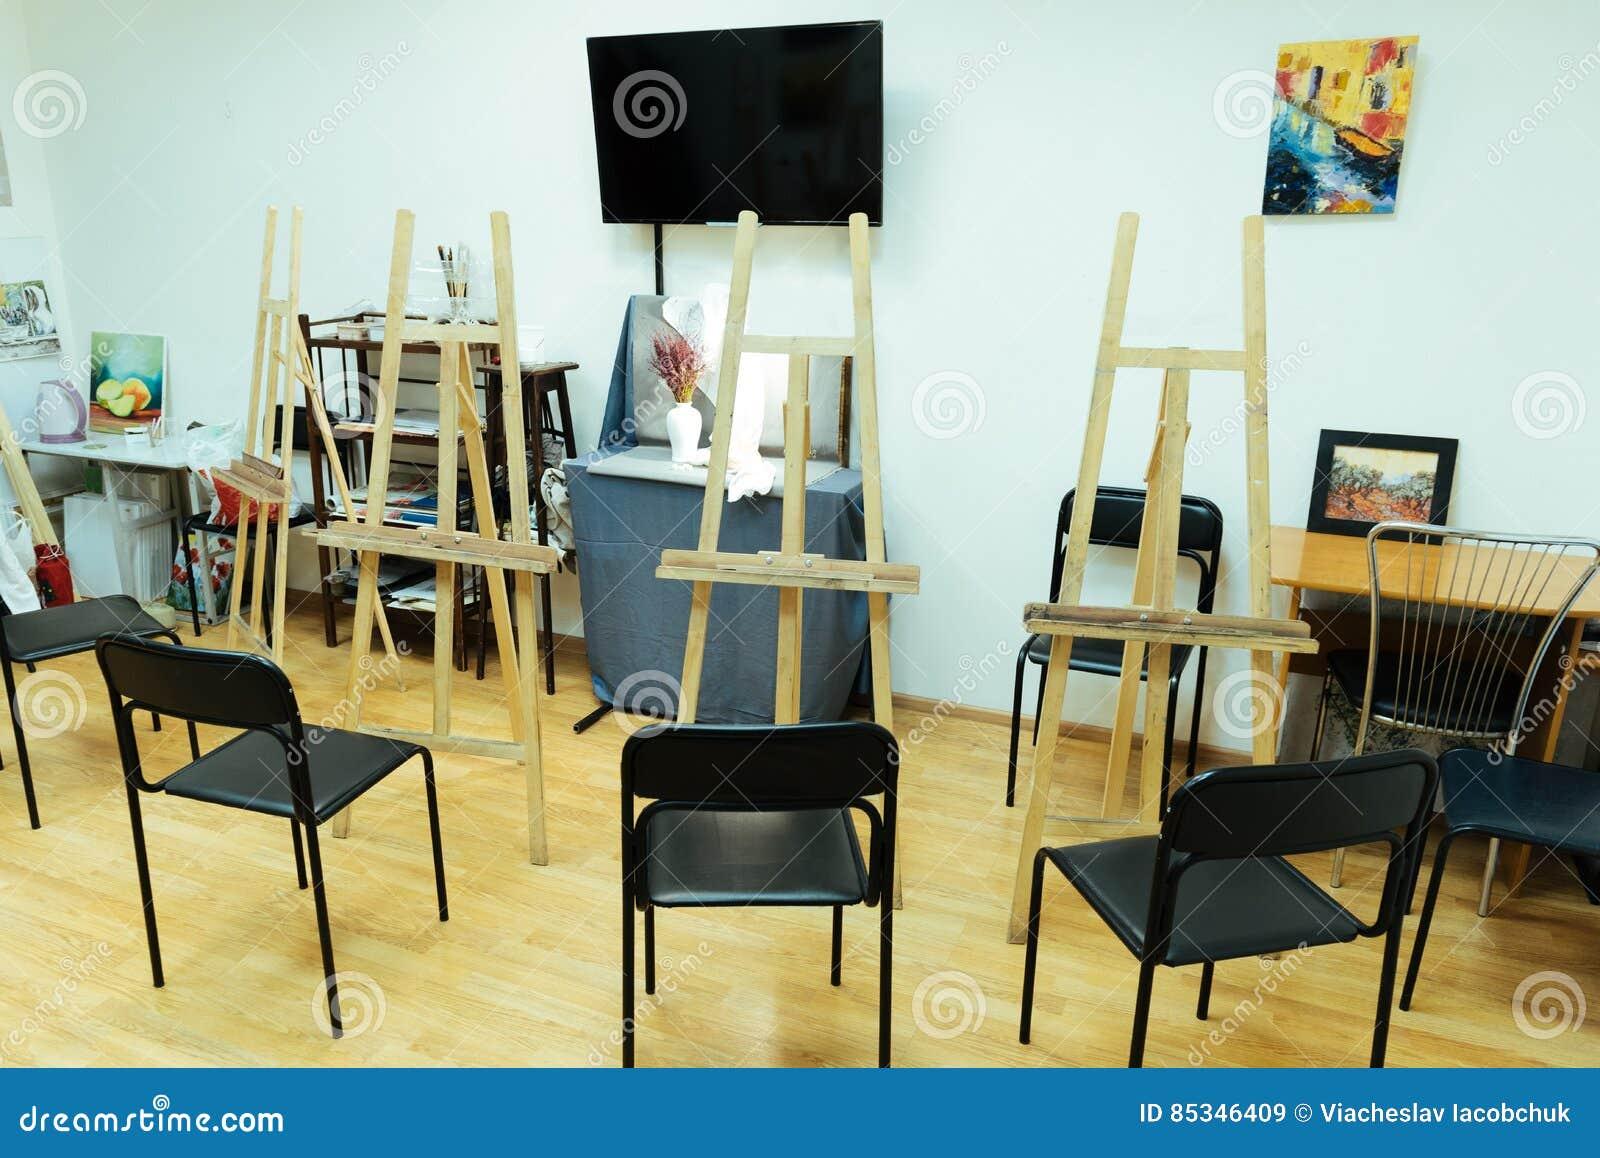 Het schilderen van studio met schildersezels die zich daarin bevinden